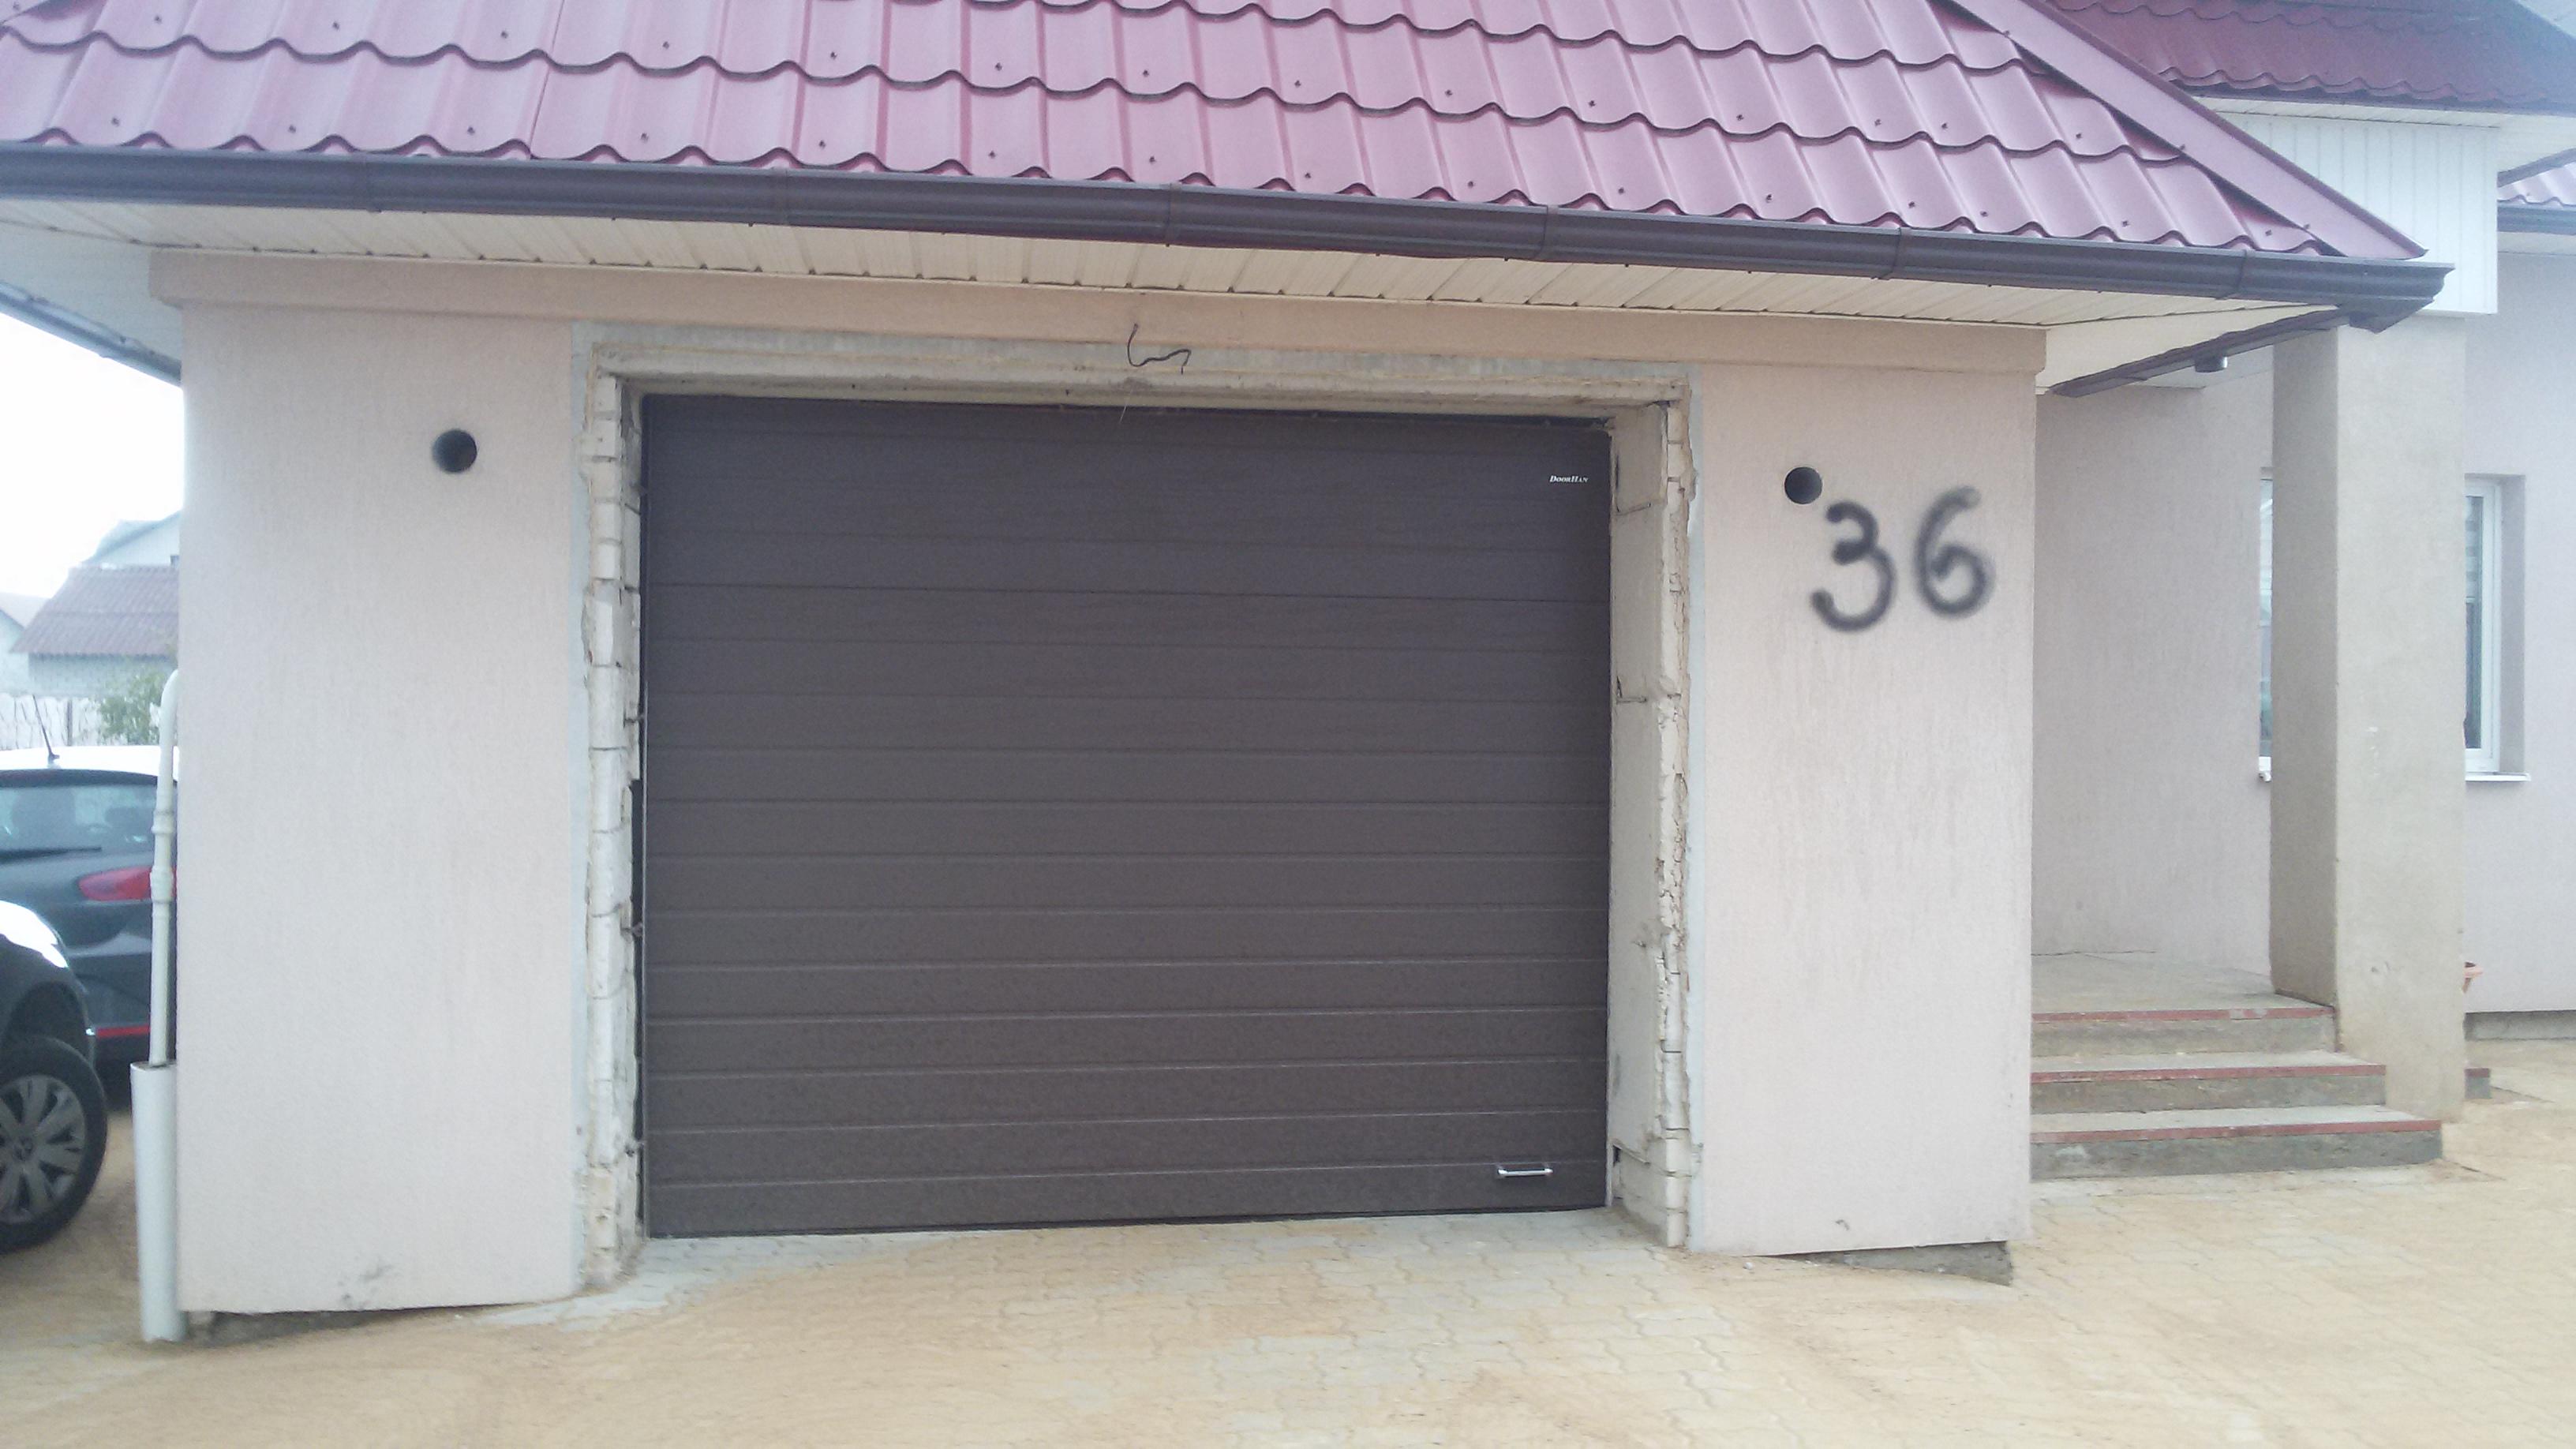 Гаражные ворота Дорхан RSD02 с монтажом. Коричневый цвет.